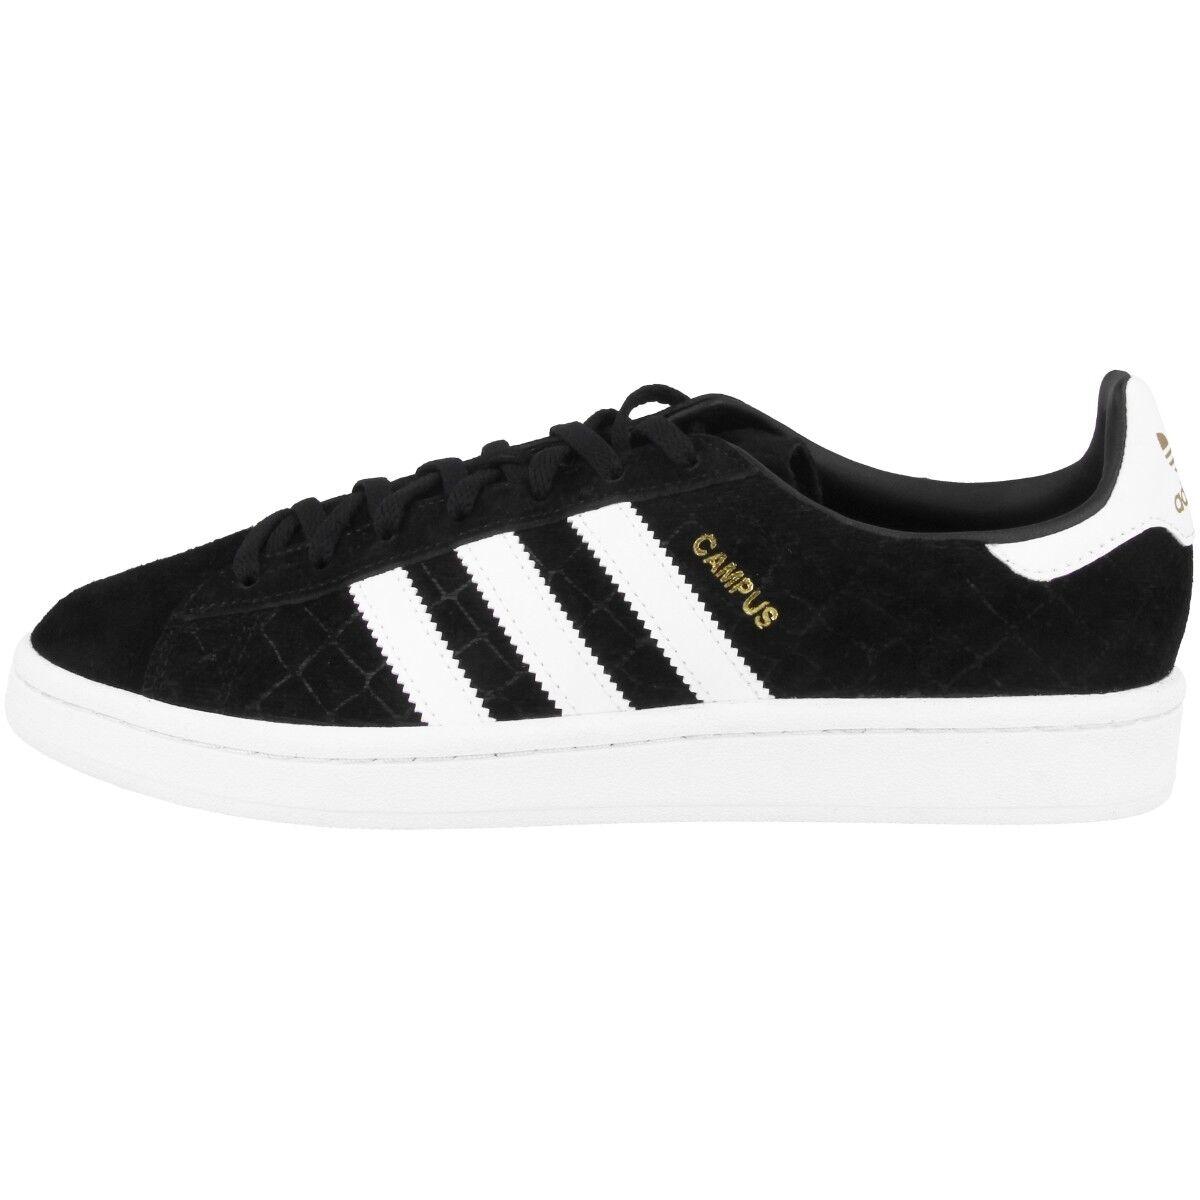 Zapatos promocionales para hombres y mujeres Adidas Campus Women Schuhe Originals Retro Damen Sneaker black white gold CQ2095